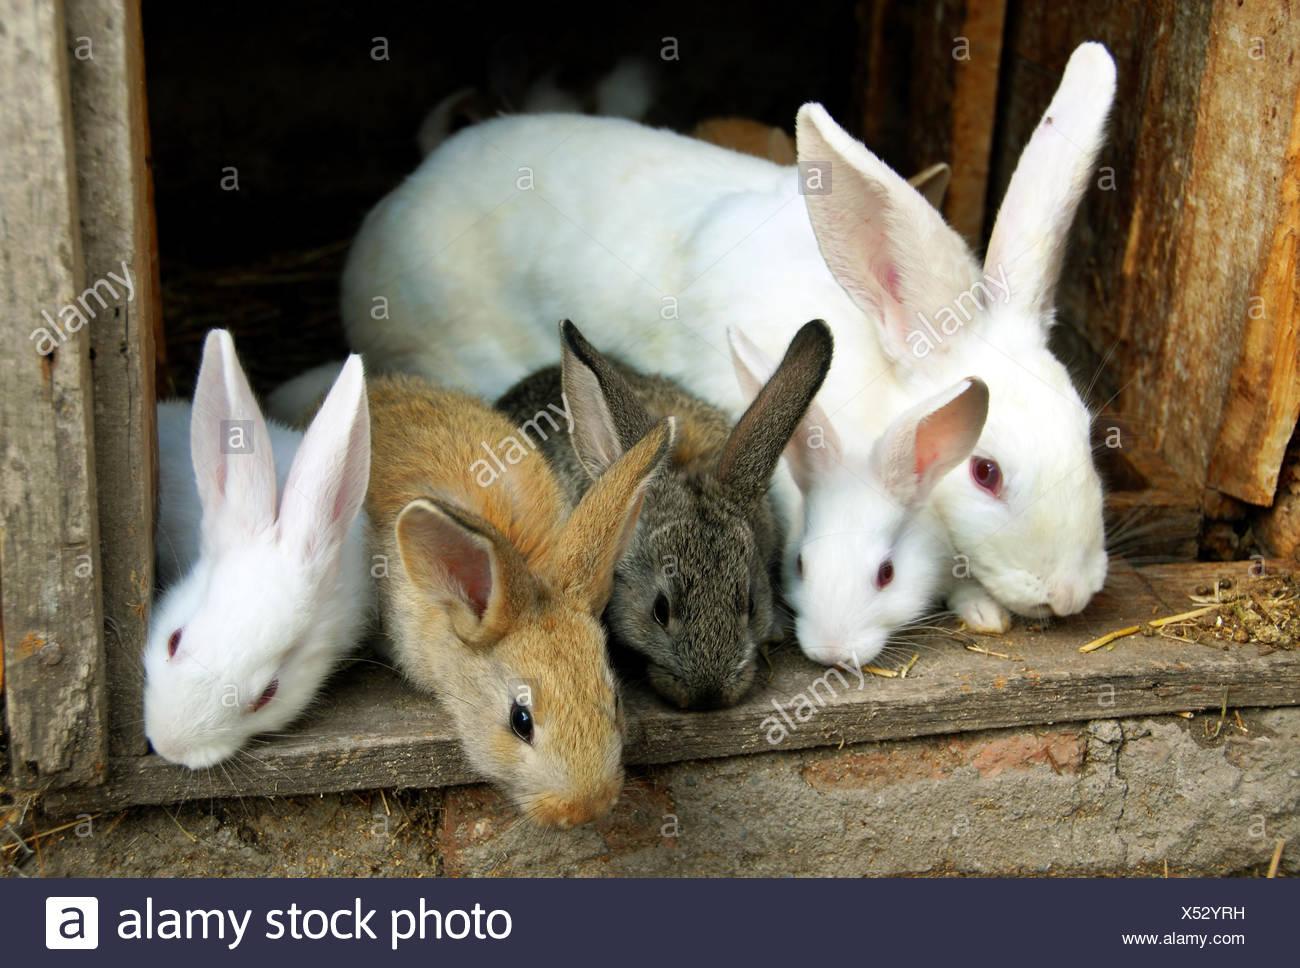 Bunny Rabbits family - Stock Image